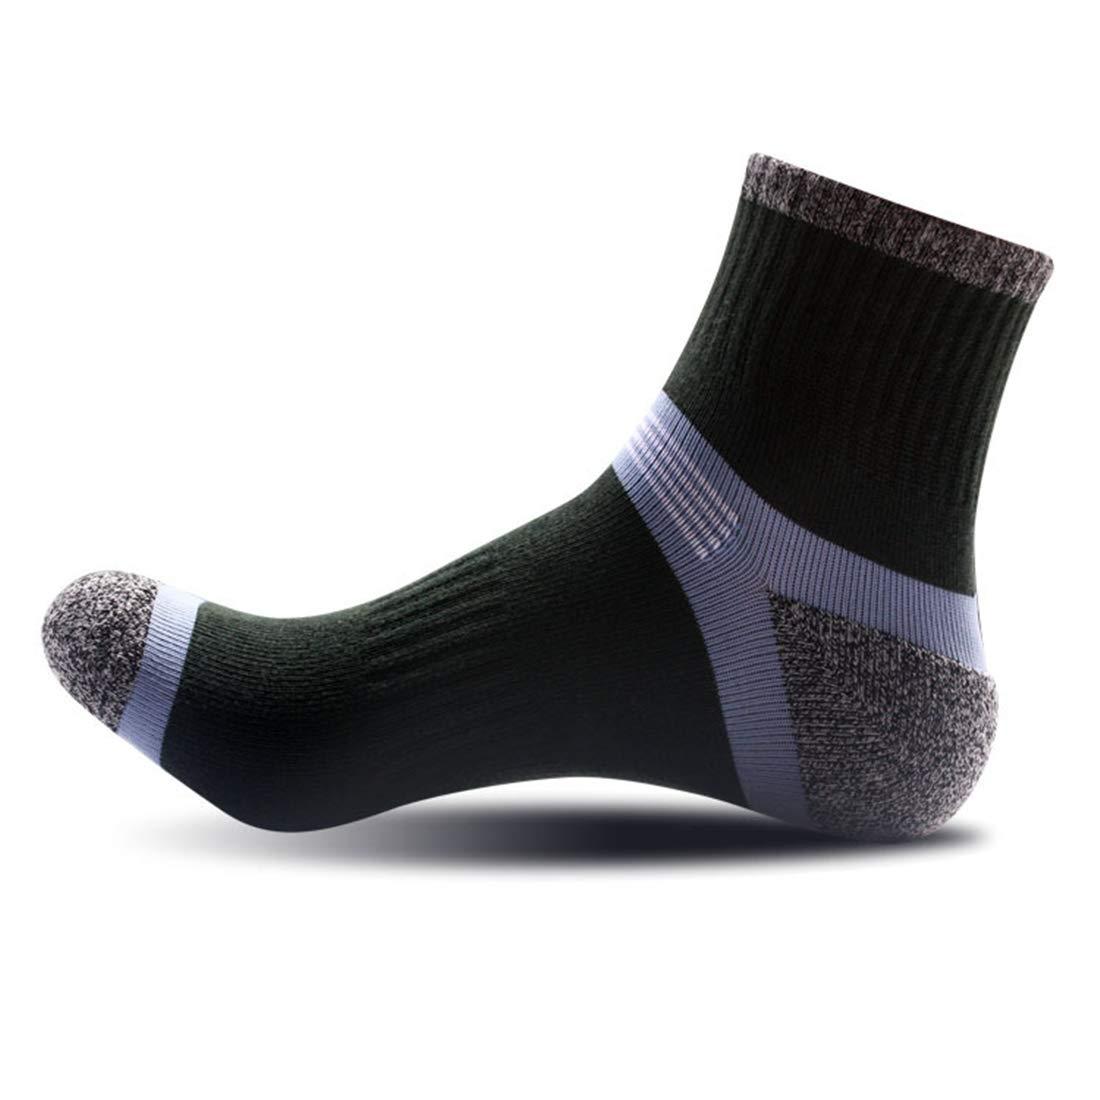 ZGJ Mono 3 pares HOMBRE calcetines deportivos, calcetines para zapatillas deportivas, función Calcetines, ideal para actividades al aire libre: Amazon.es: ...